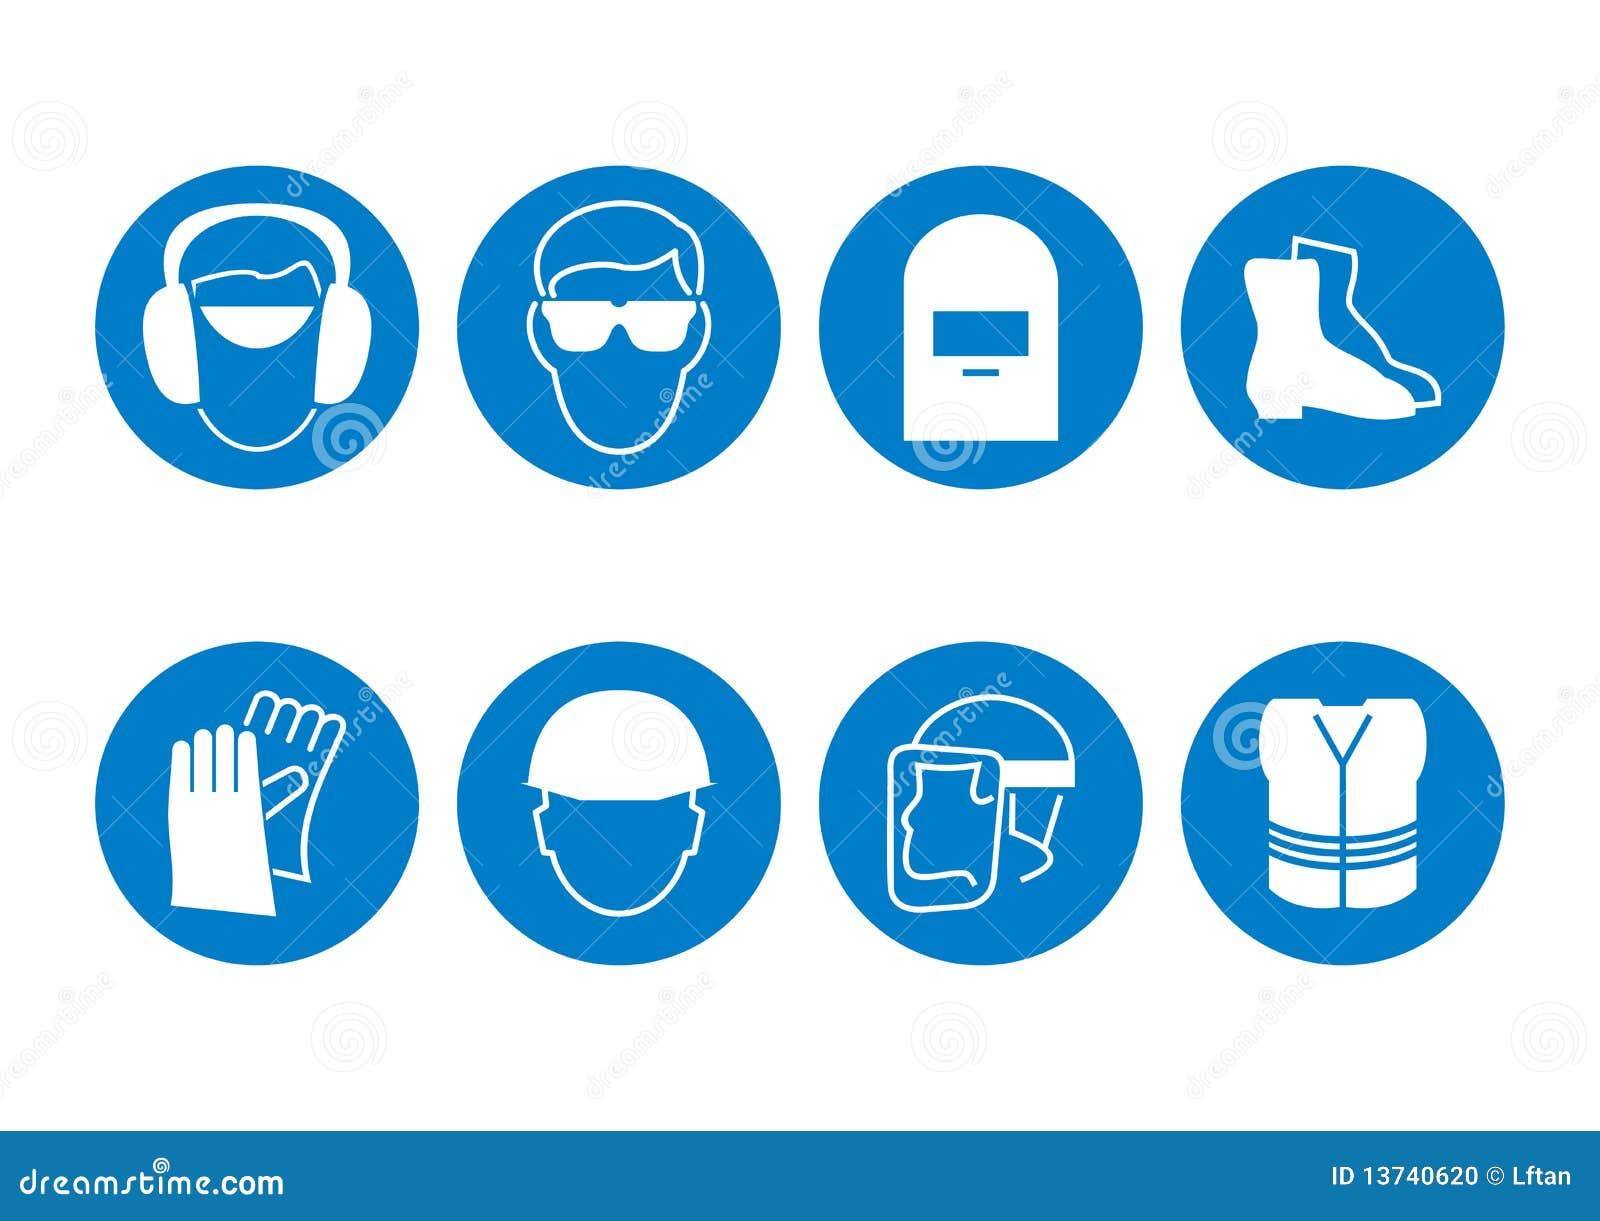 Construction Safety Symbols Stock Photo - Image: 13740620